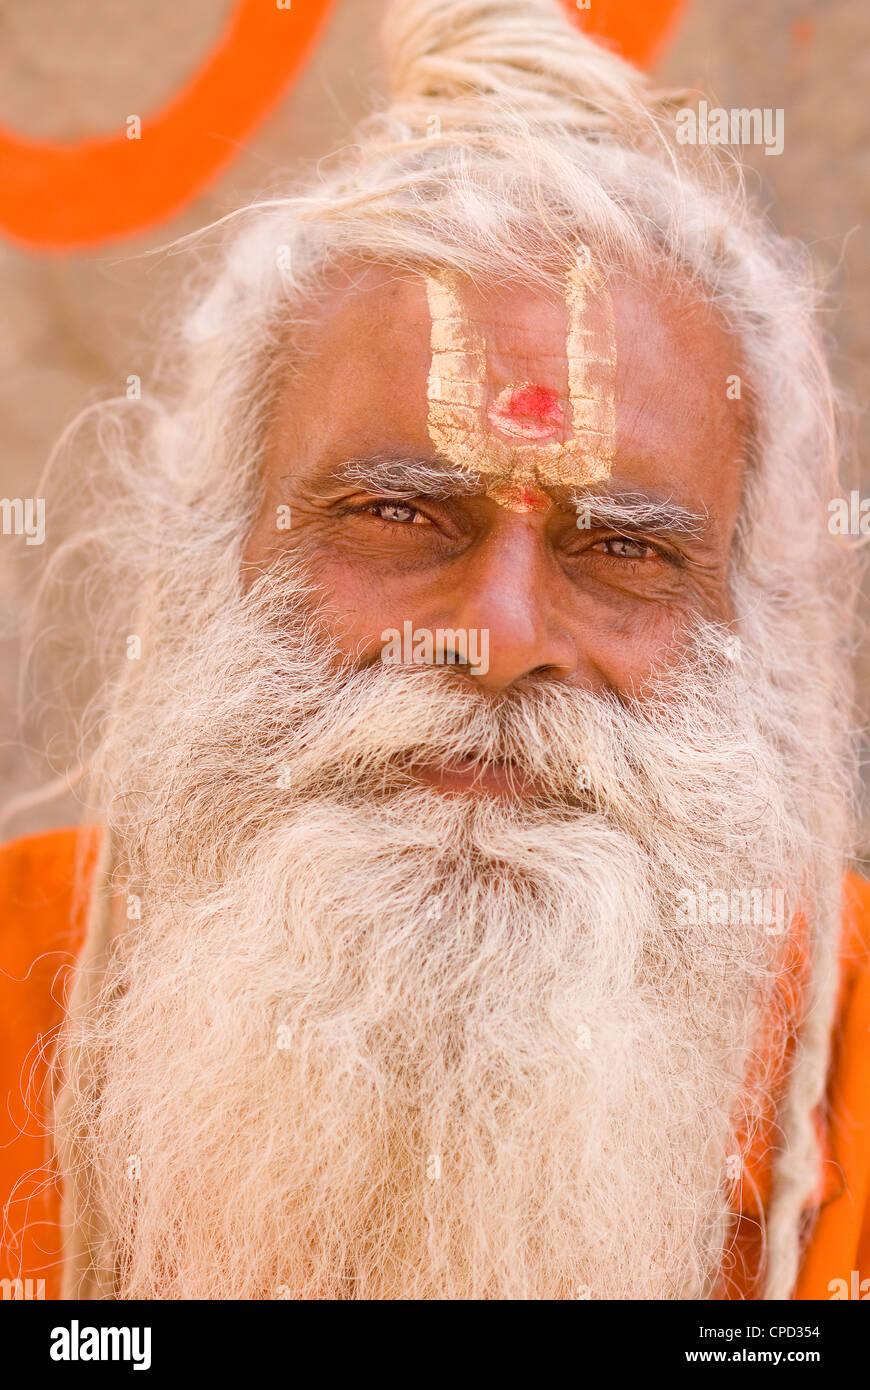 Saint homme (Sadhu), Varanasi, Uttar Pradesh, Inde, Asie Photo Stock